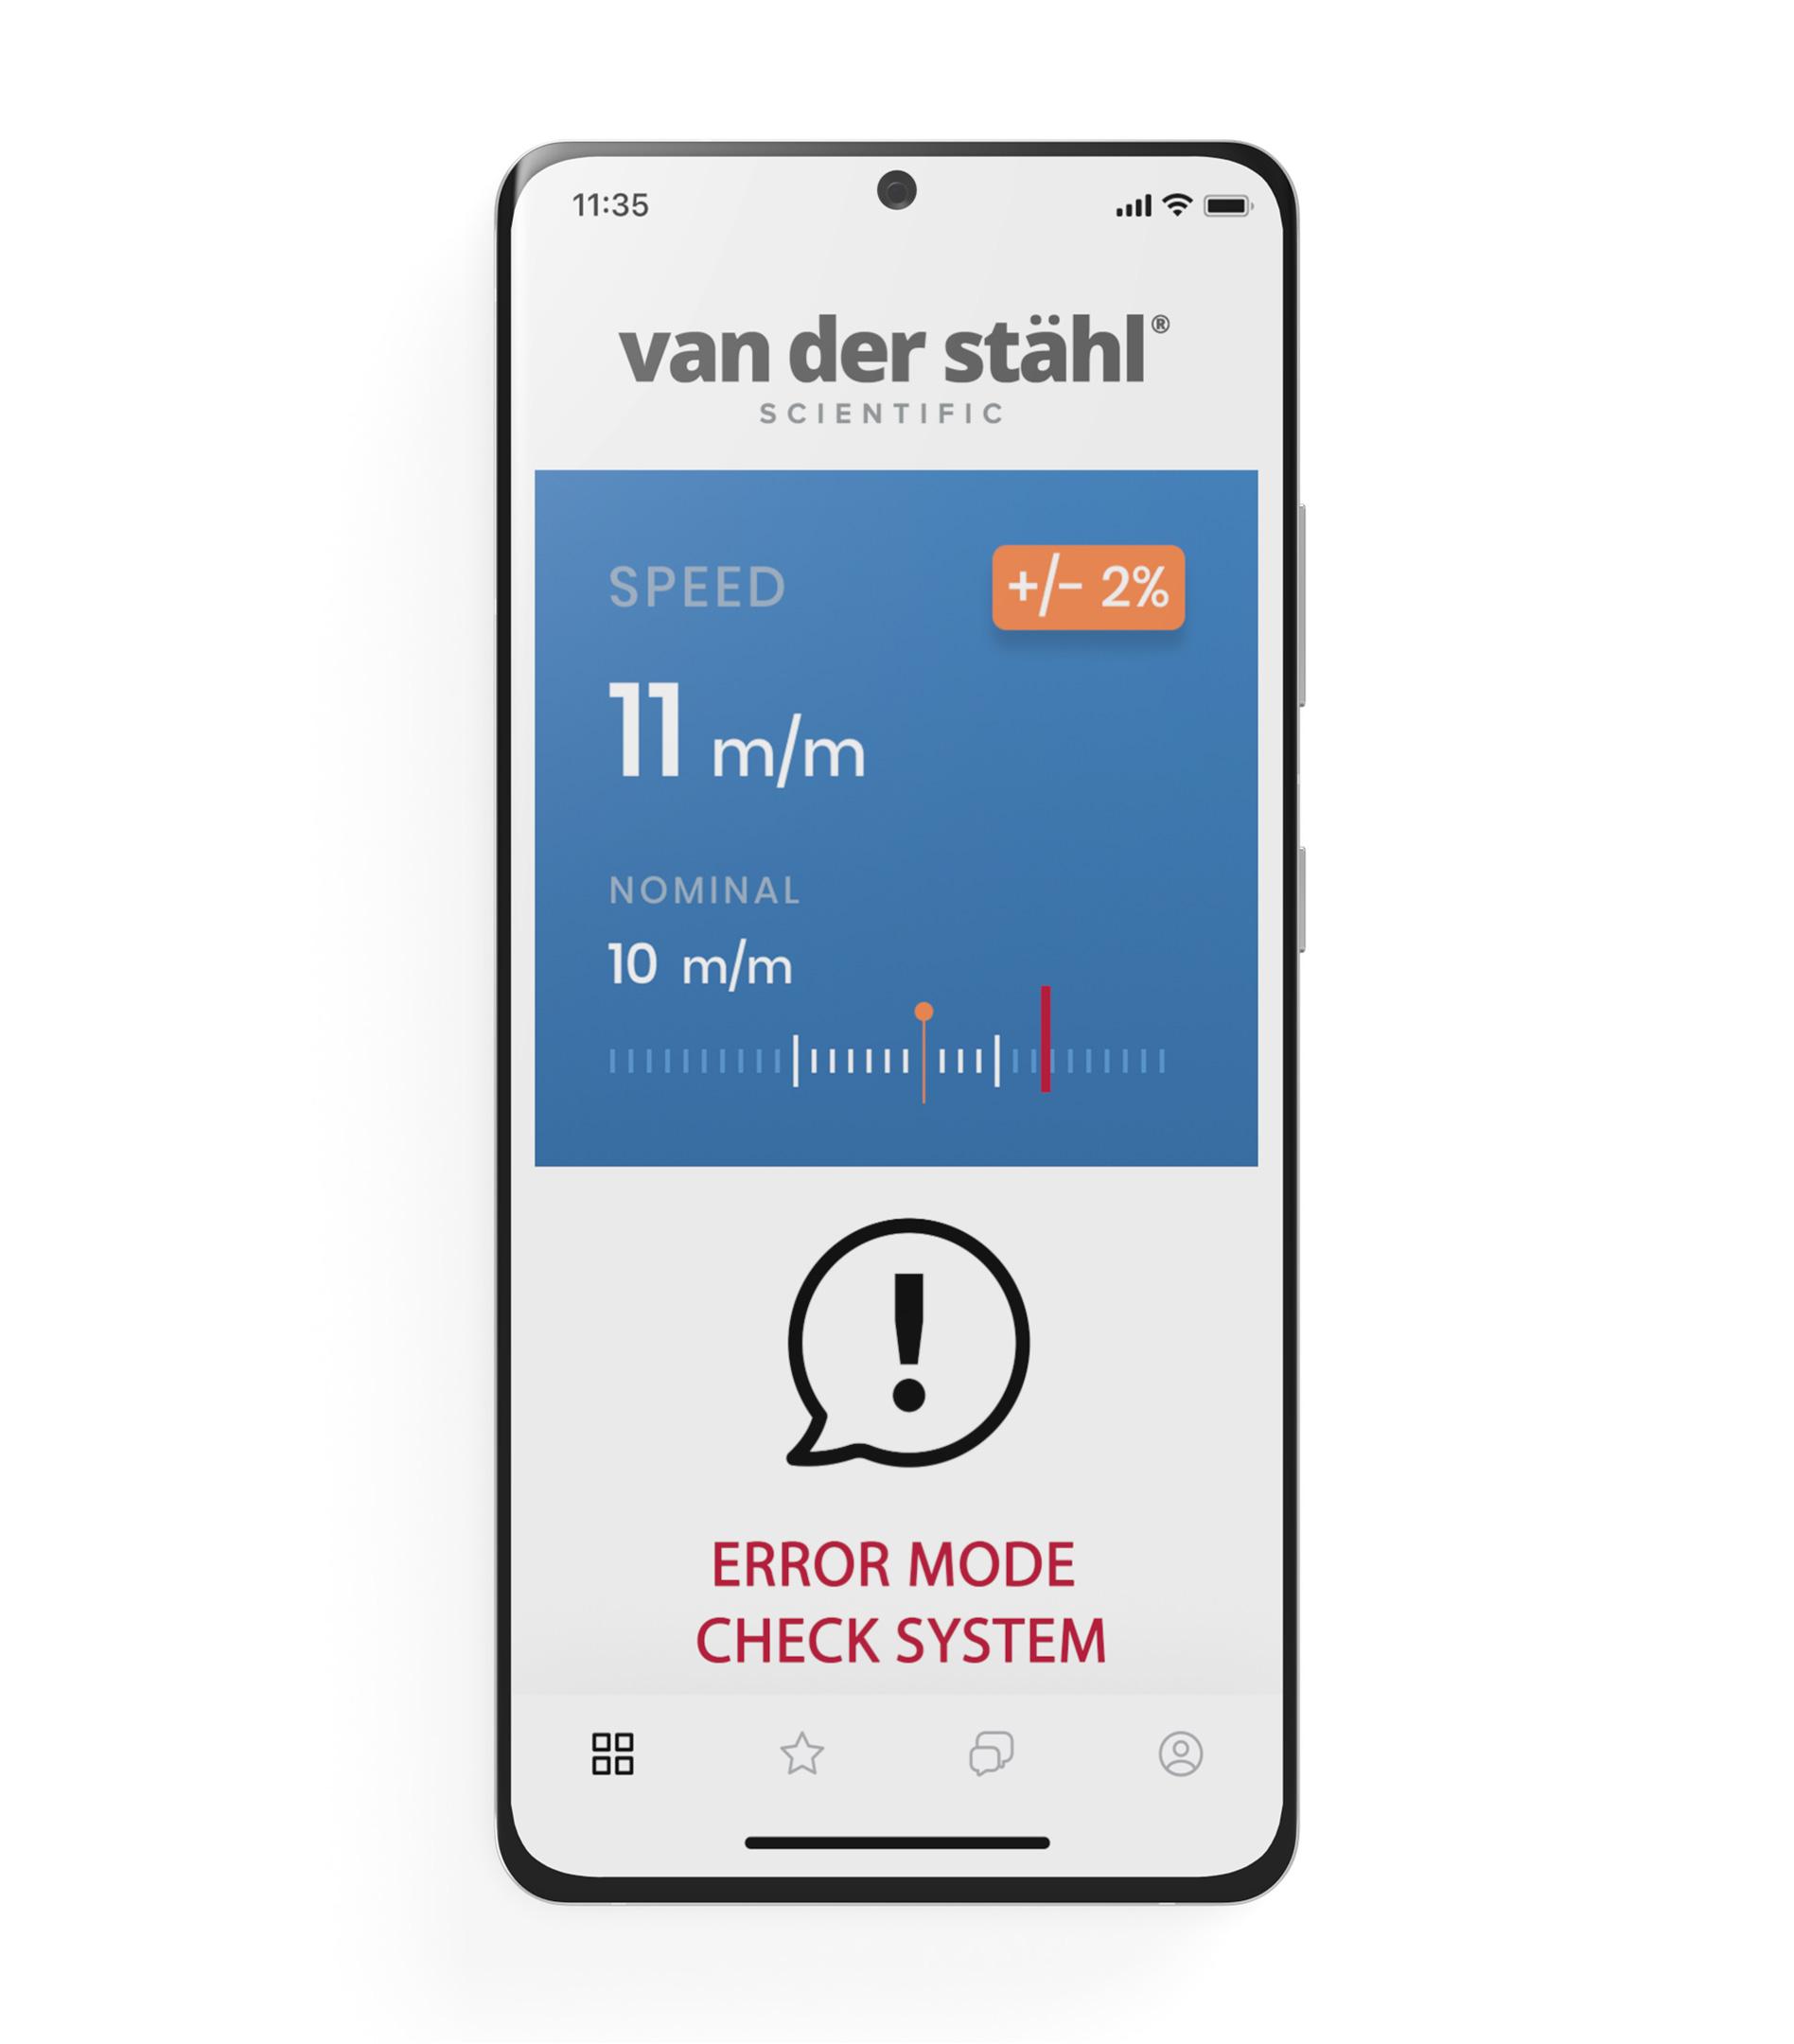 Van der stahl seal stats alert screenshoot